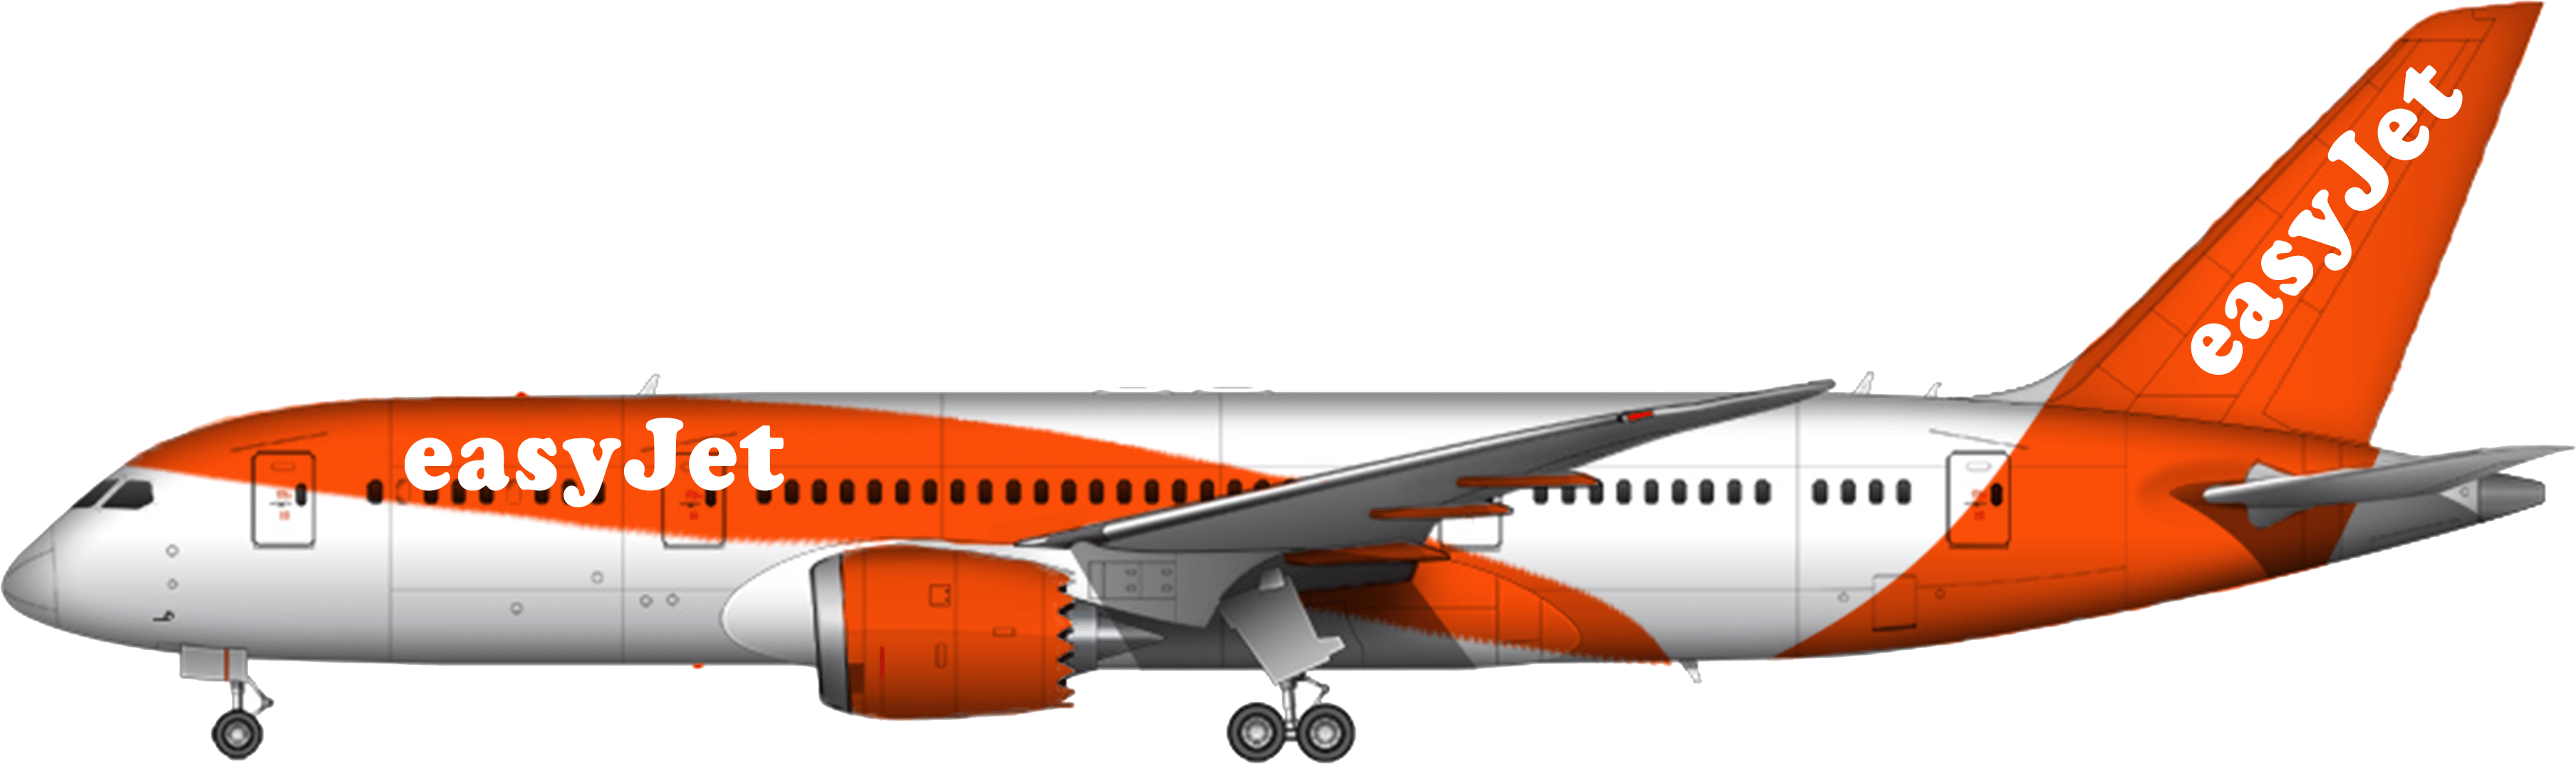 easyJet Flight Compensation - Easyjet PNG